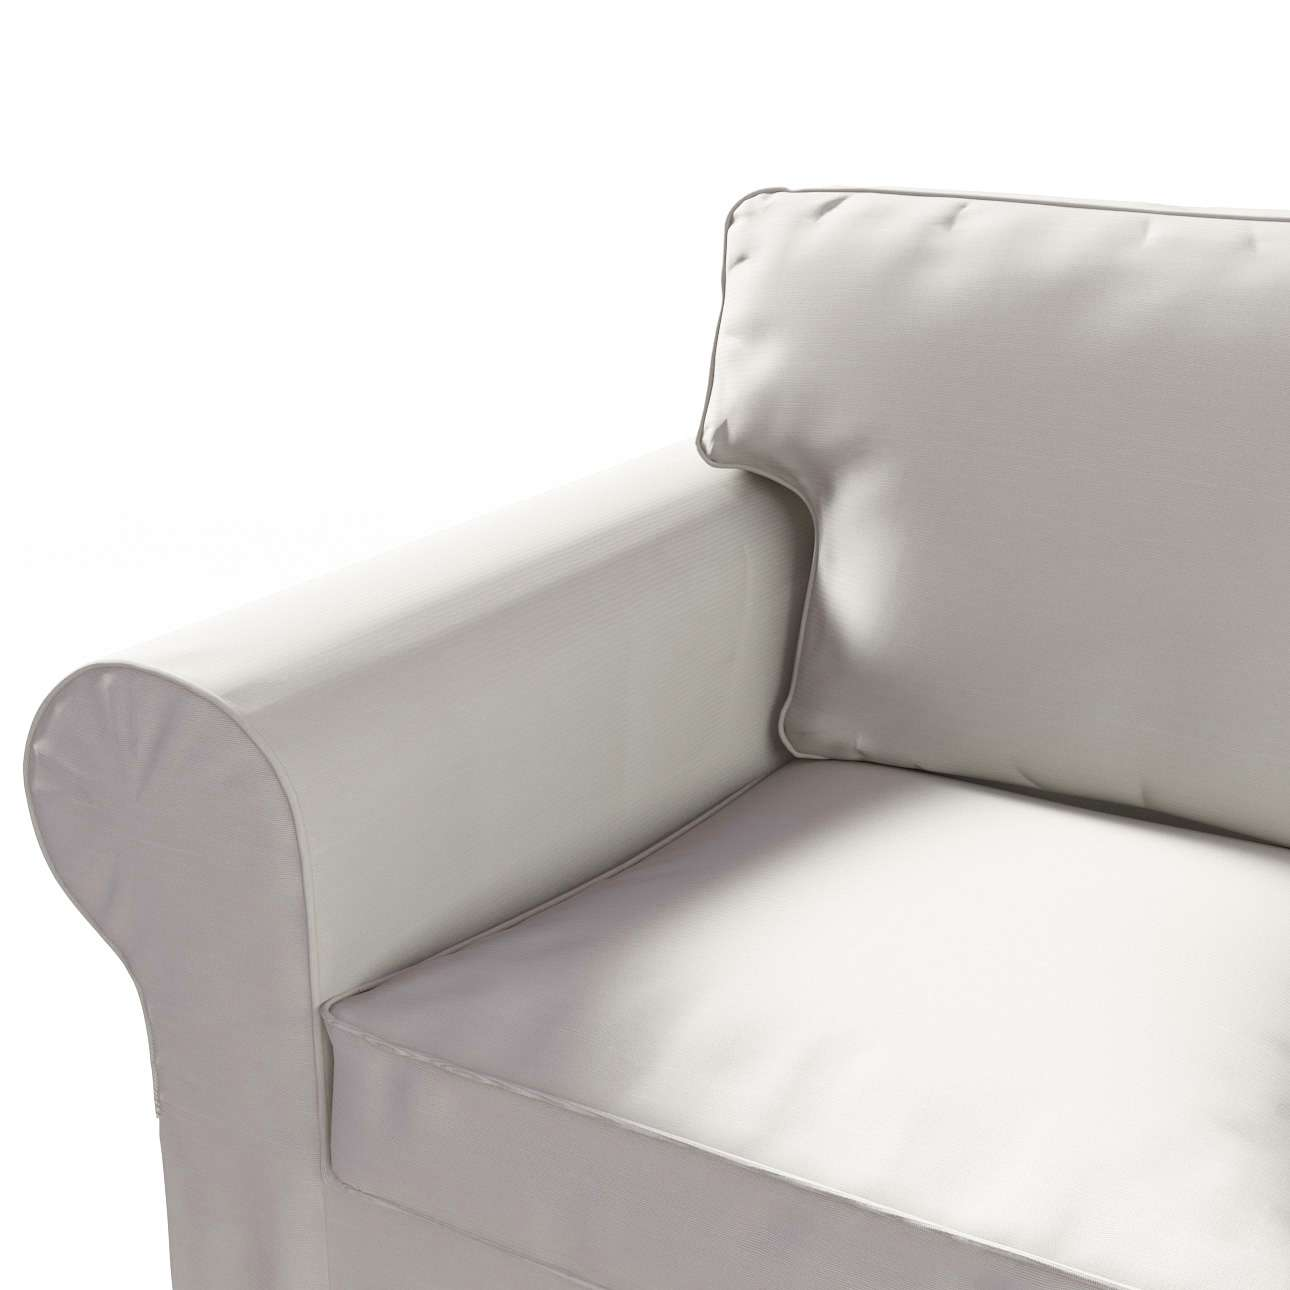 Potah na pohovku IKEA  Ektorp 3-místná, nerozkládací pohovka Ektorp 3-místná v kolekci Cotton Panama, látka: 702-31